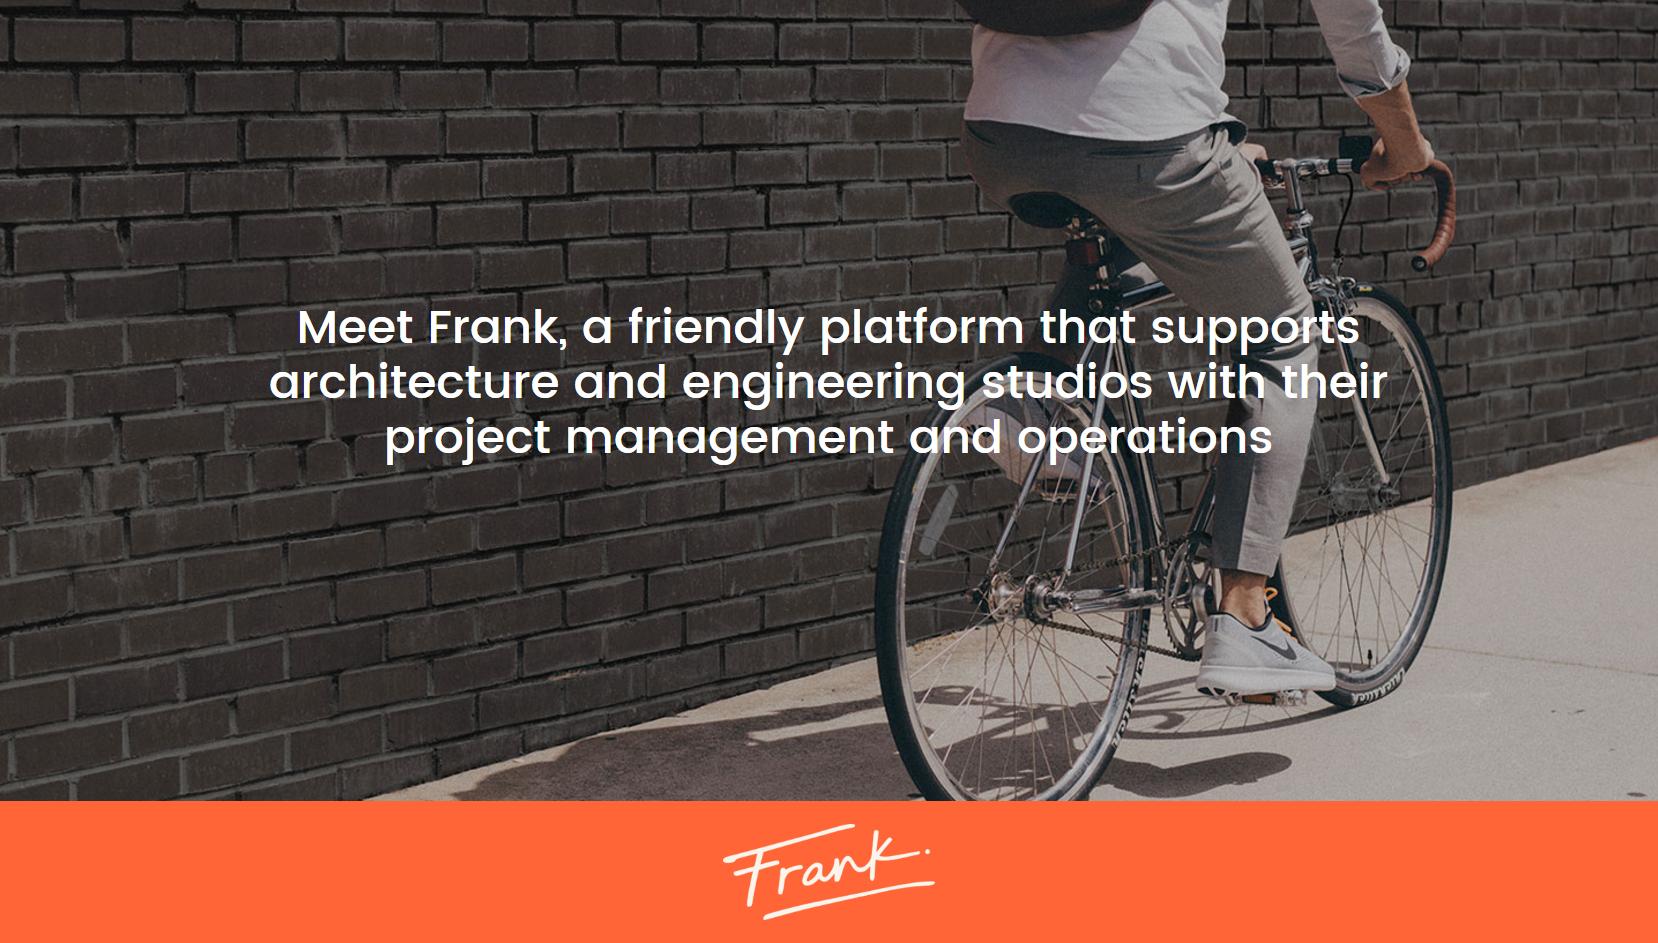 Frank Demo - Frank, a friendly platform for AEC firms